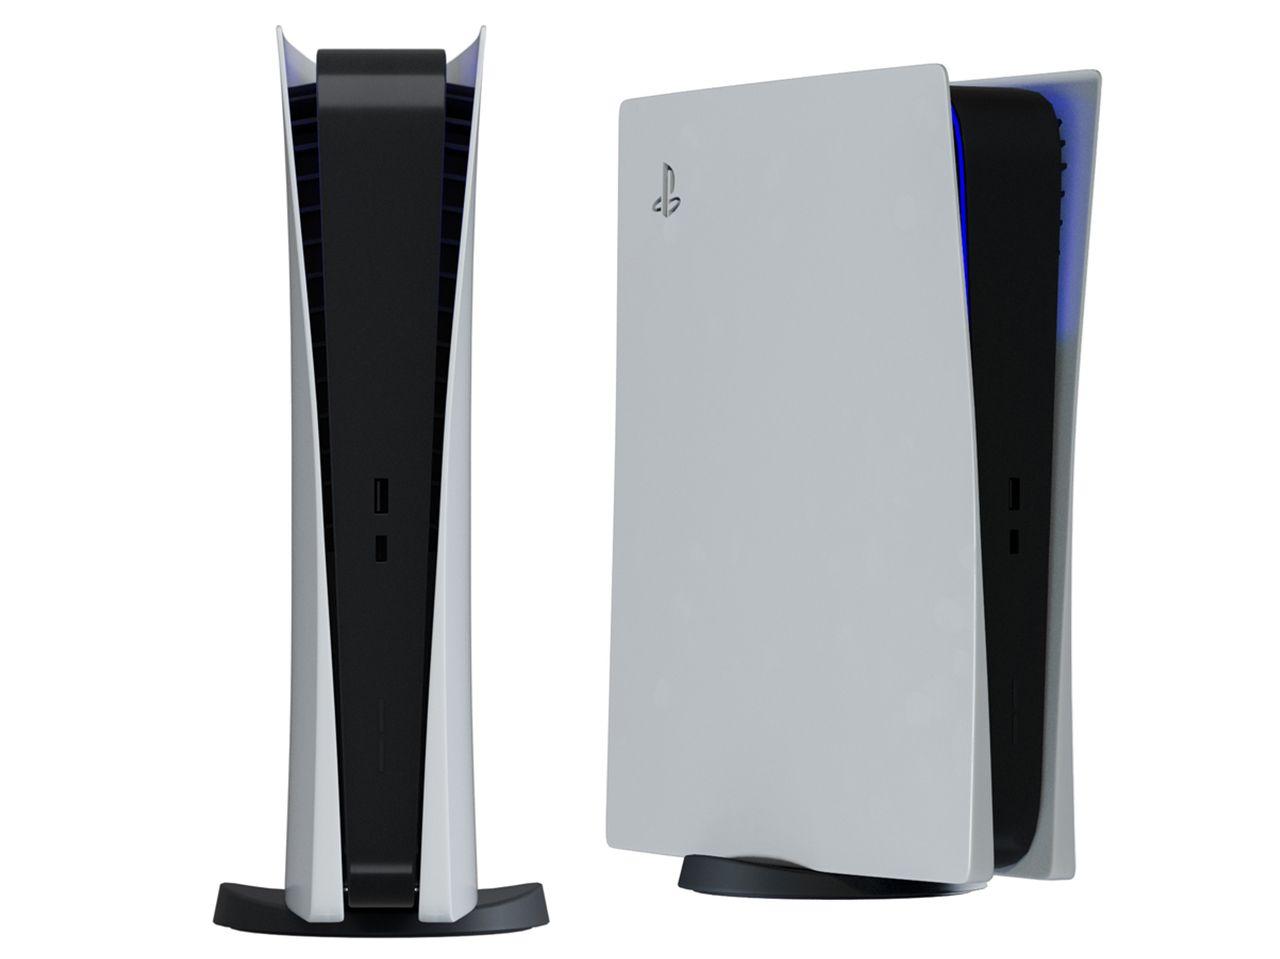 Sony Playstation 5 (PS5) Digital Edition